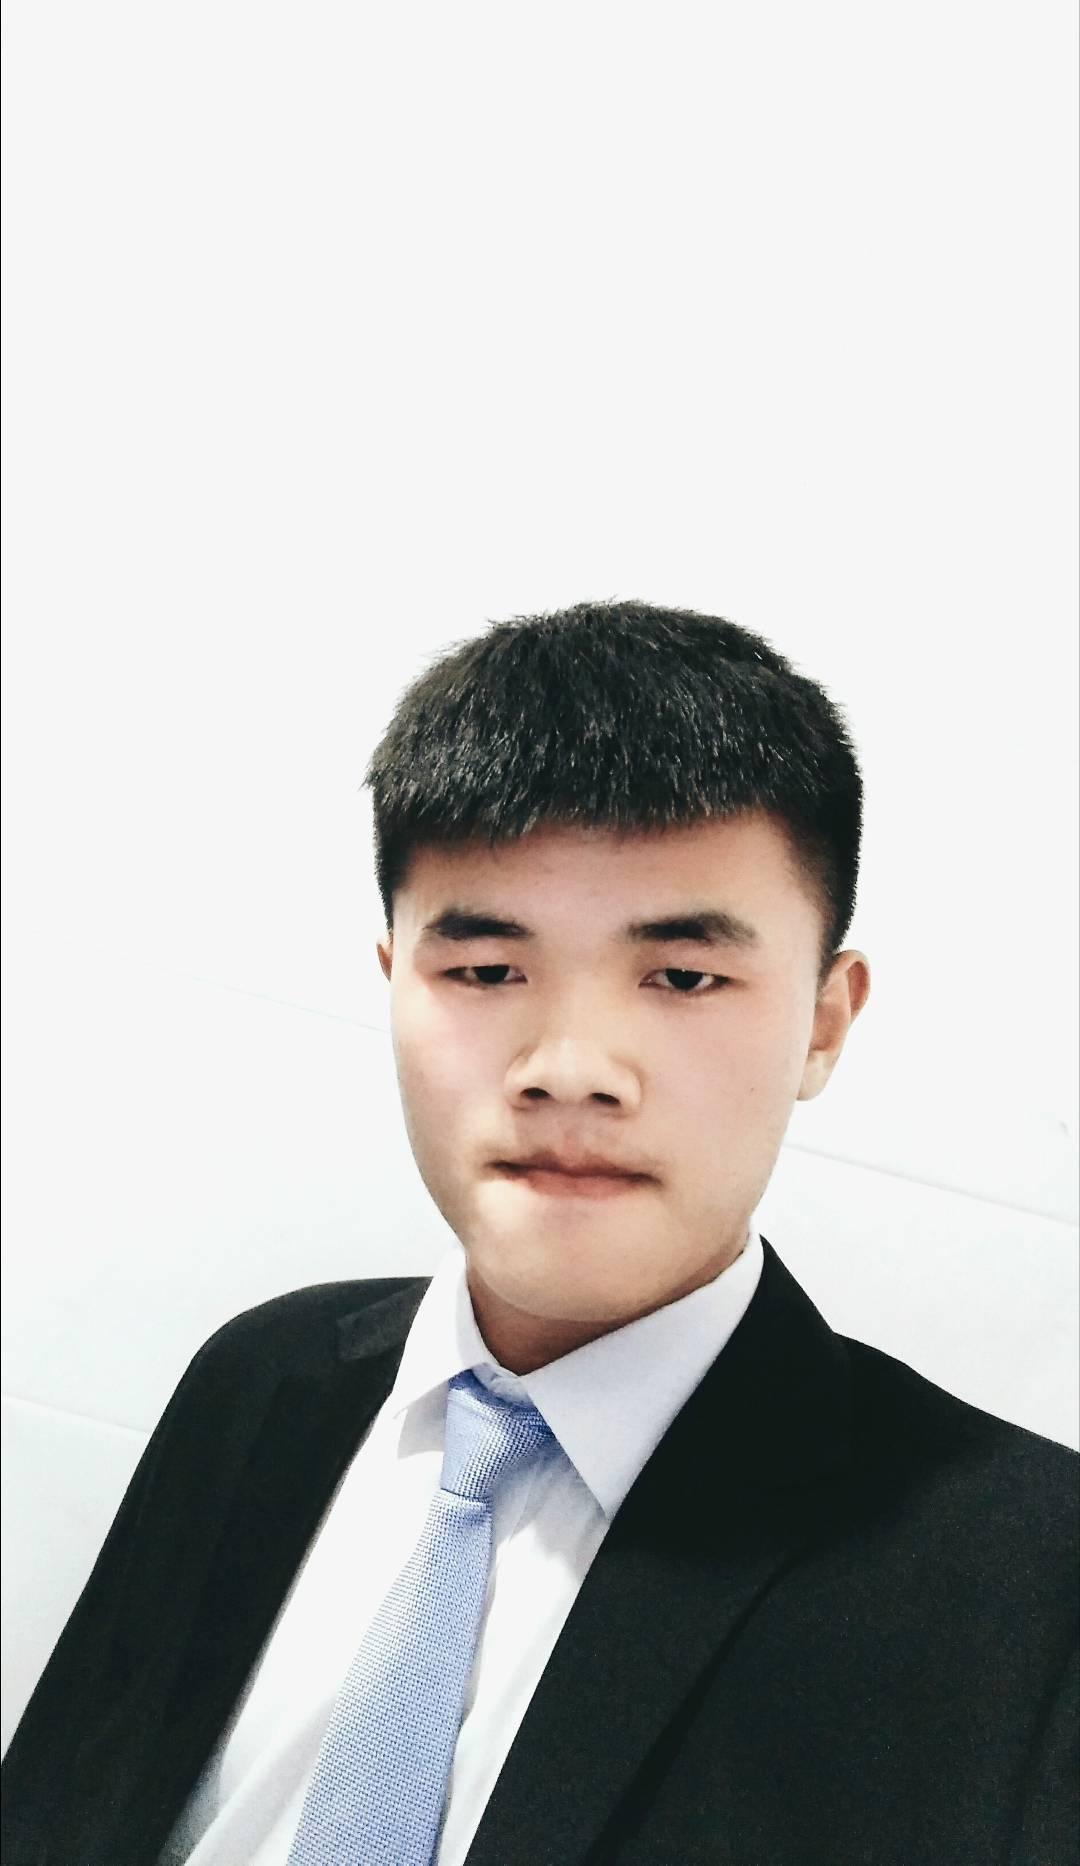 汉中家教周教员